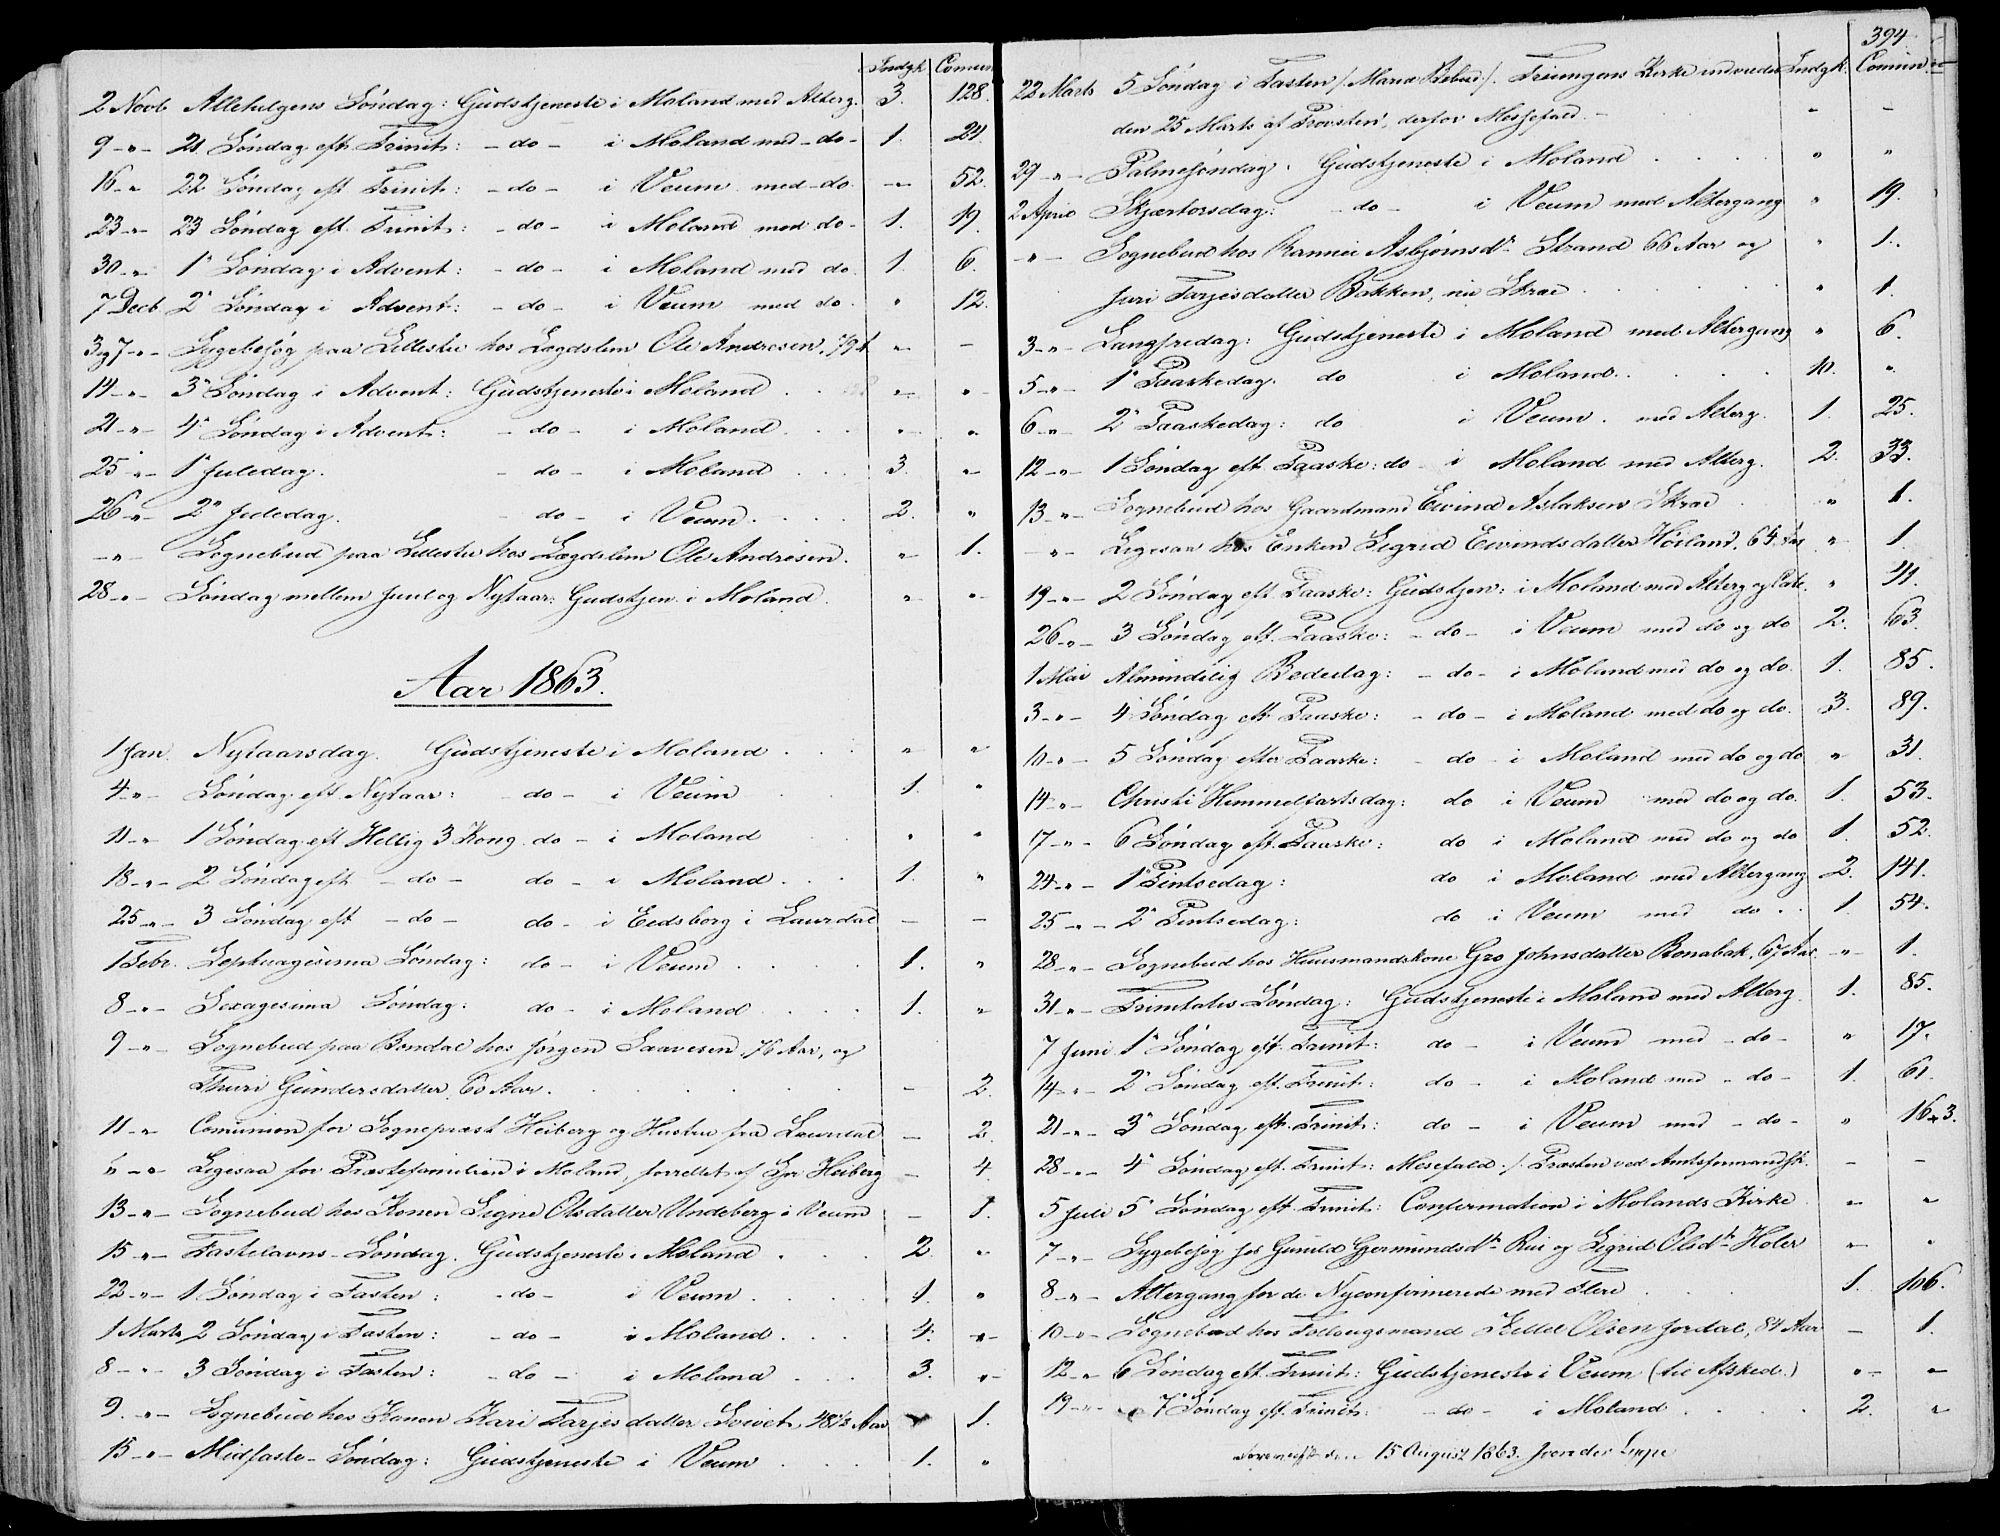 SAKO, Fyresdal kirkebøker, F/Fa/L0005: Ministerialbok nr. I 5, 1855-1871, s. 394